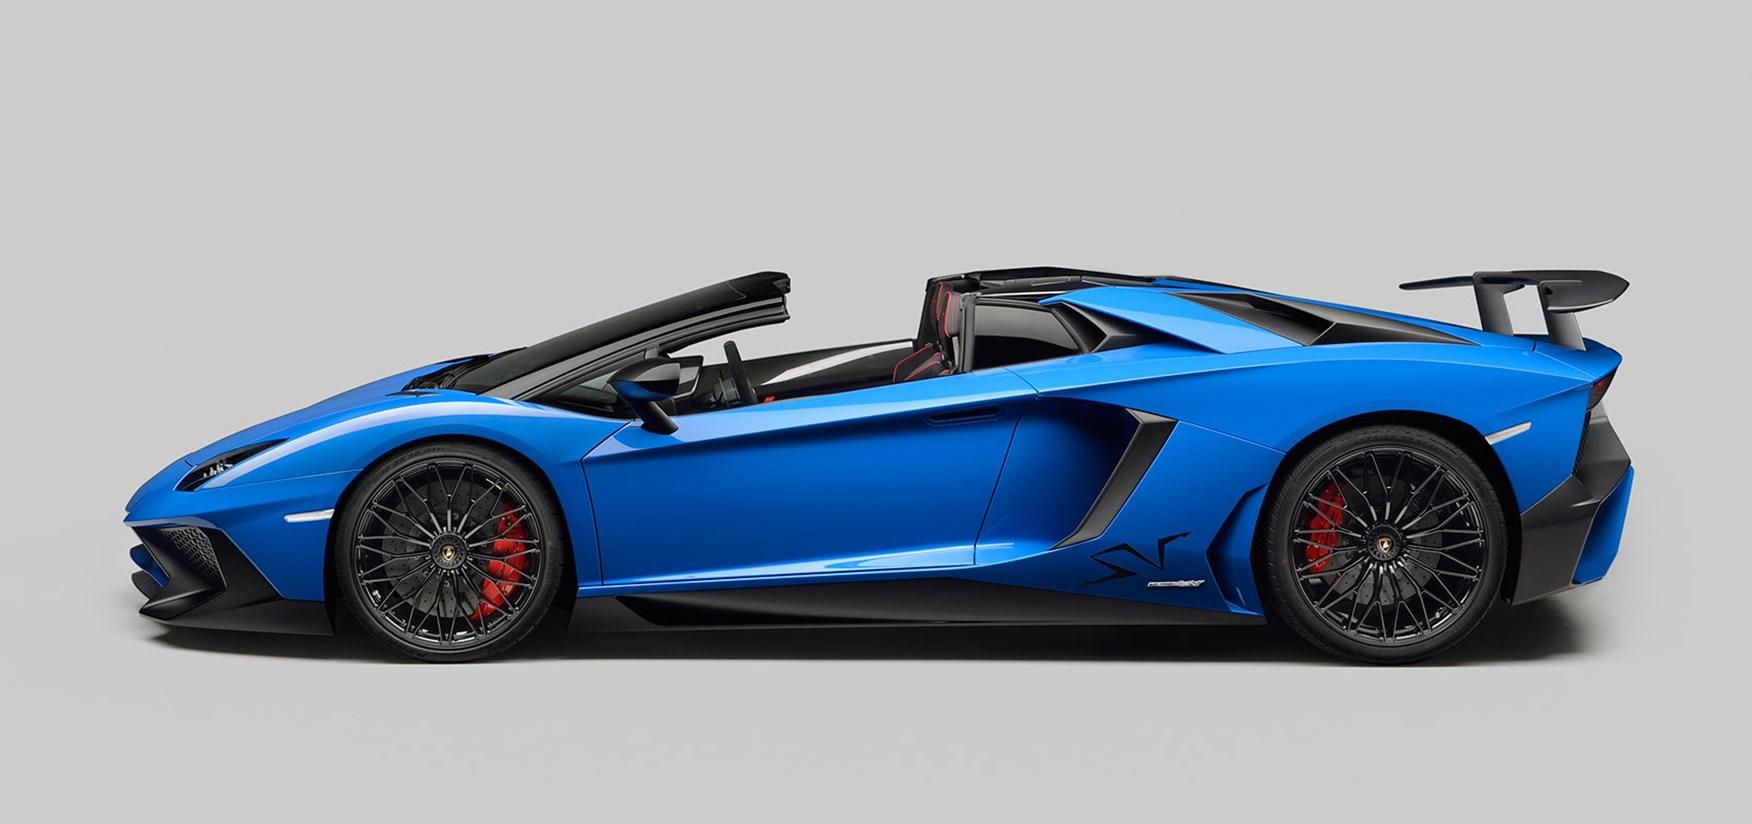 lamborghini aventador super veloce roadster (2016): the sv blows its